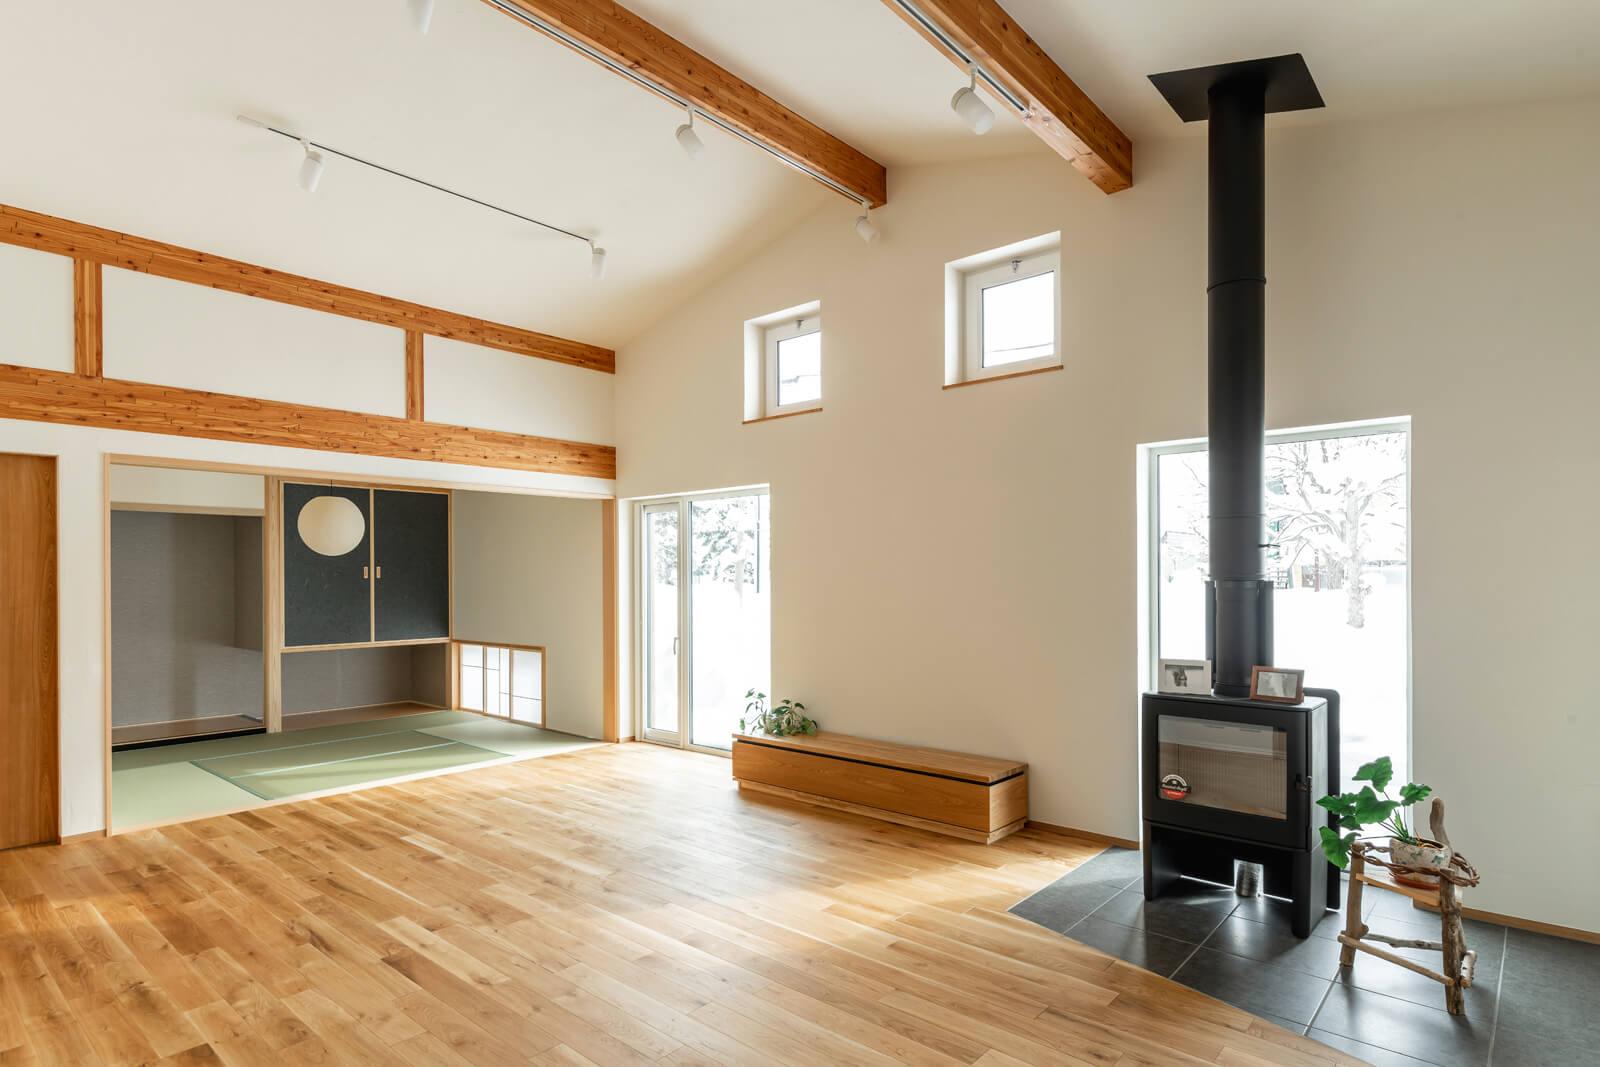 第1種換気を採用した地域工務店のモデルハウス。きちんと計画換気が働いてくれるので、平屋の大空間でも家中はどこも快適